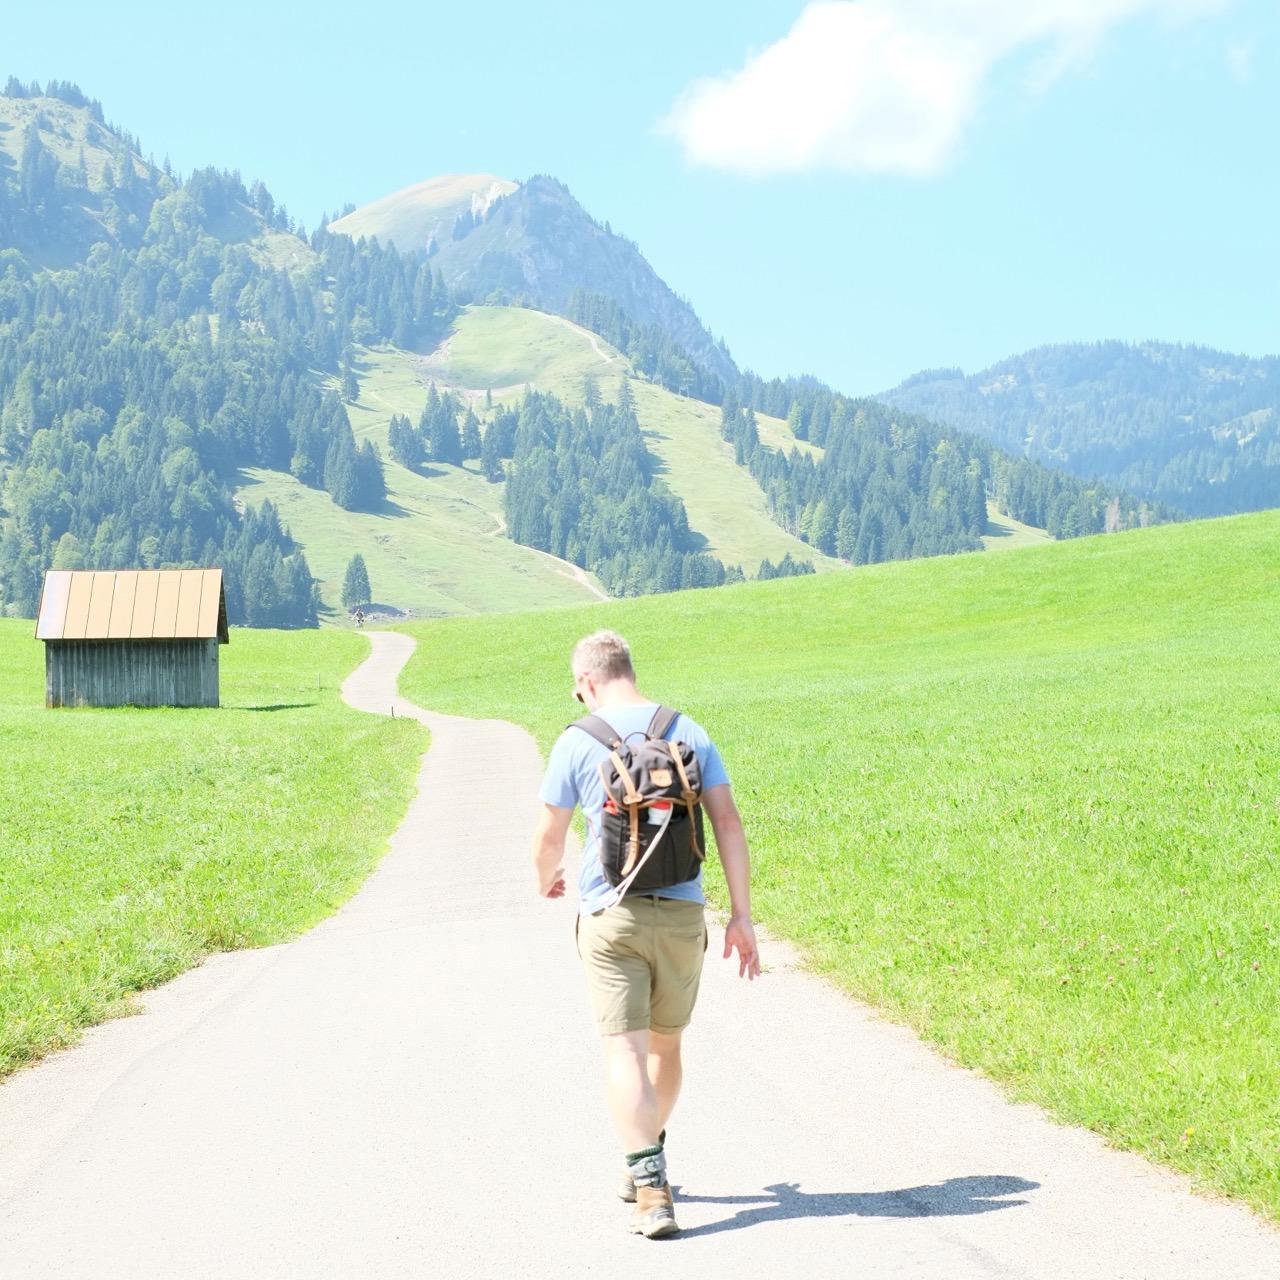 wandern-berge-familie-herrundfraukrauss-blog